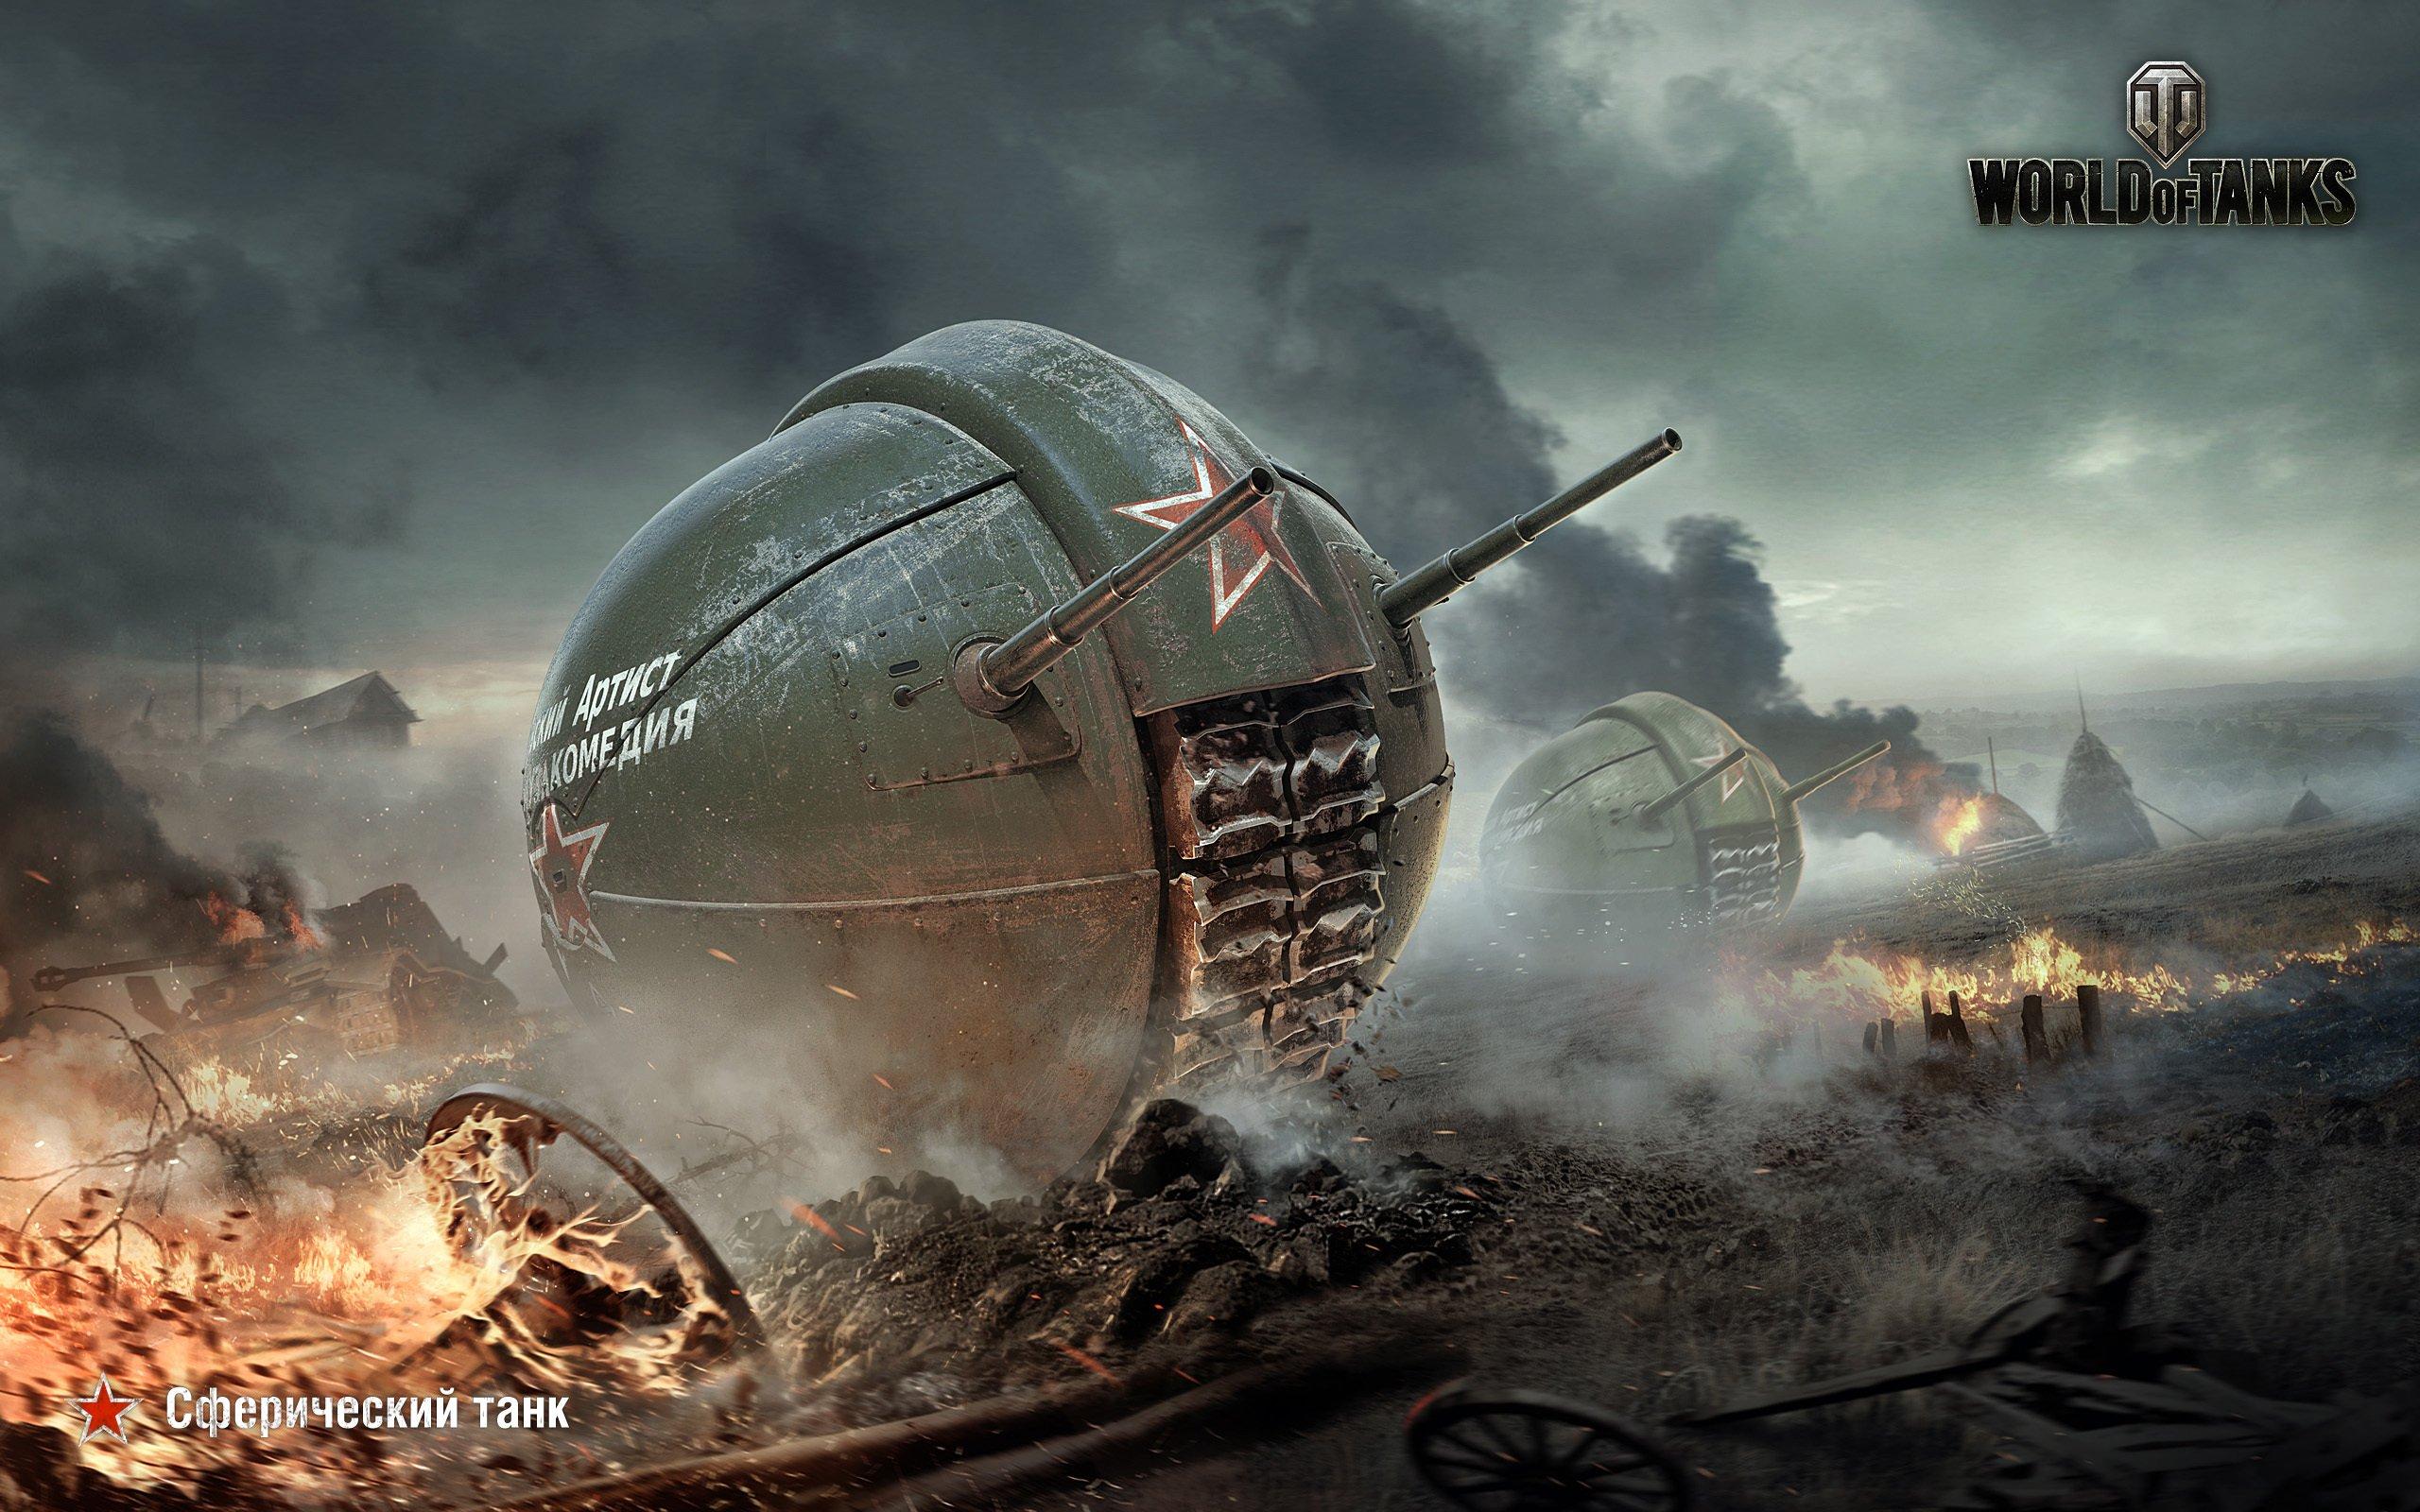 World of tanks ... Battle Tanks Wallpaper